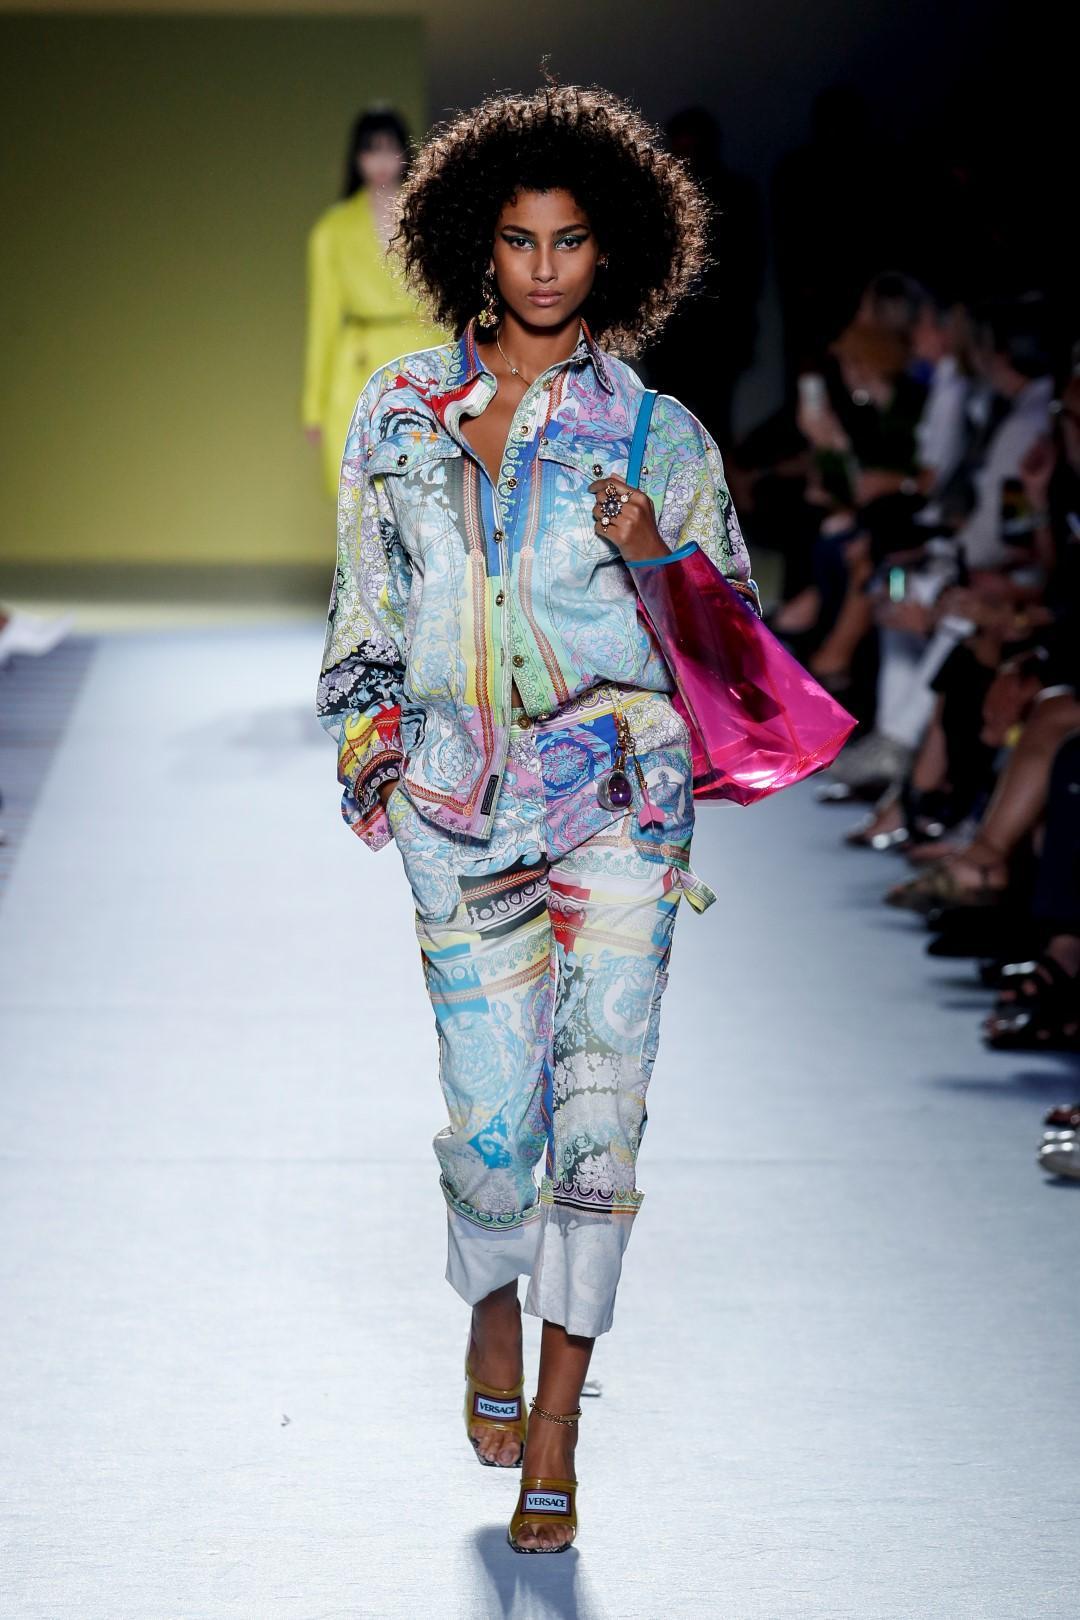 Guida aI jeans di primavera: meglio classico, strappato o 'grunge'?